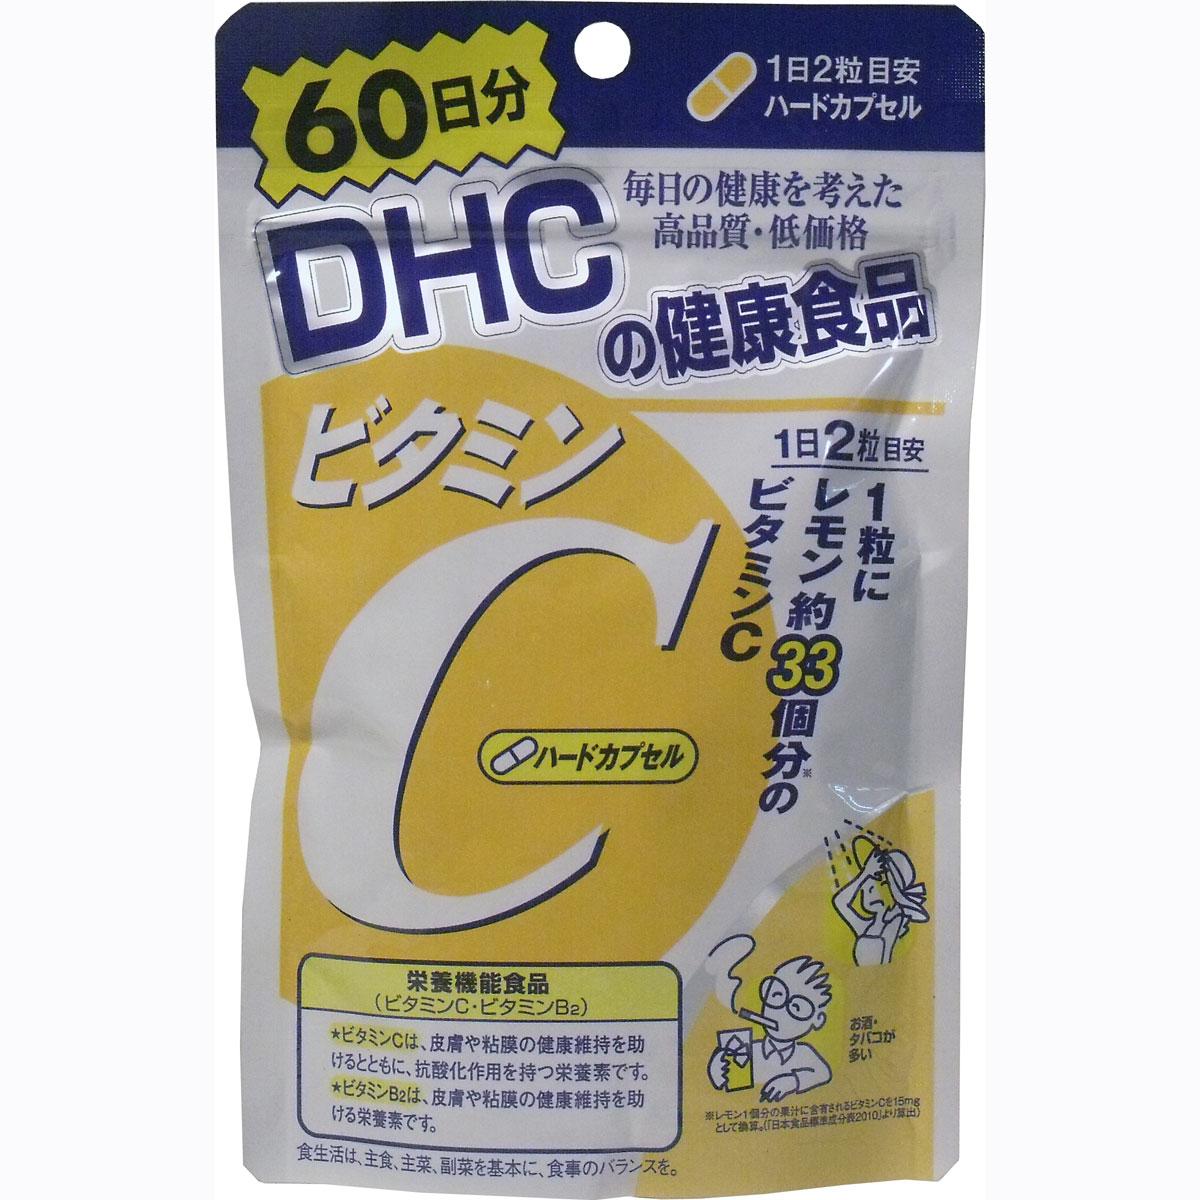 ※[メーカー欠品] [2月25日まで特価]DHC ビタミンC(ハードカプセル) 120粒 60日分